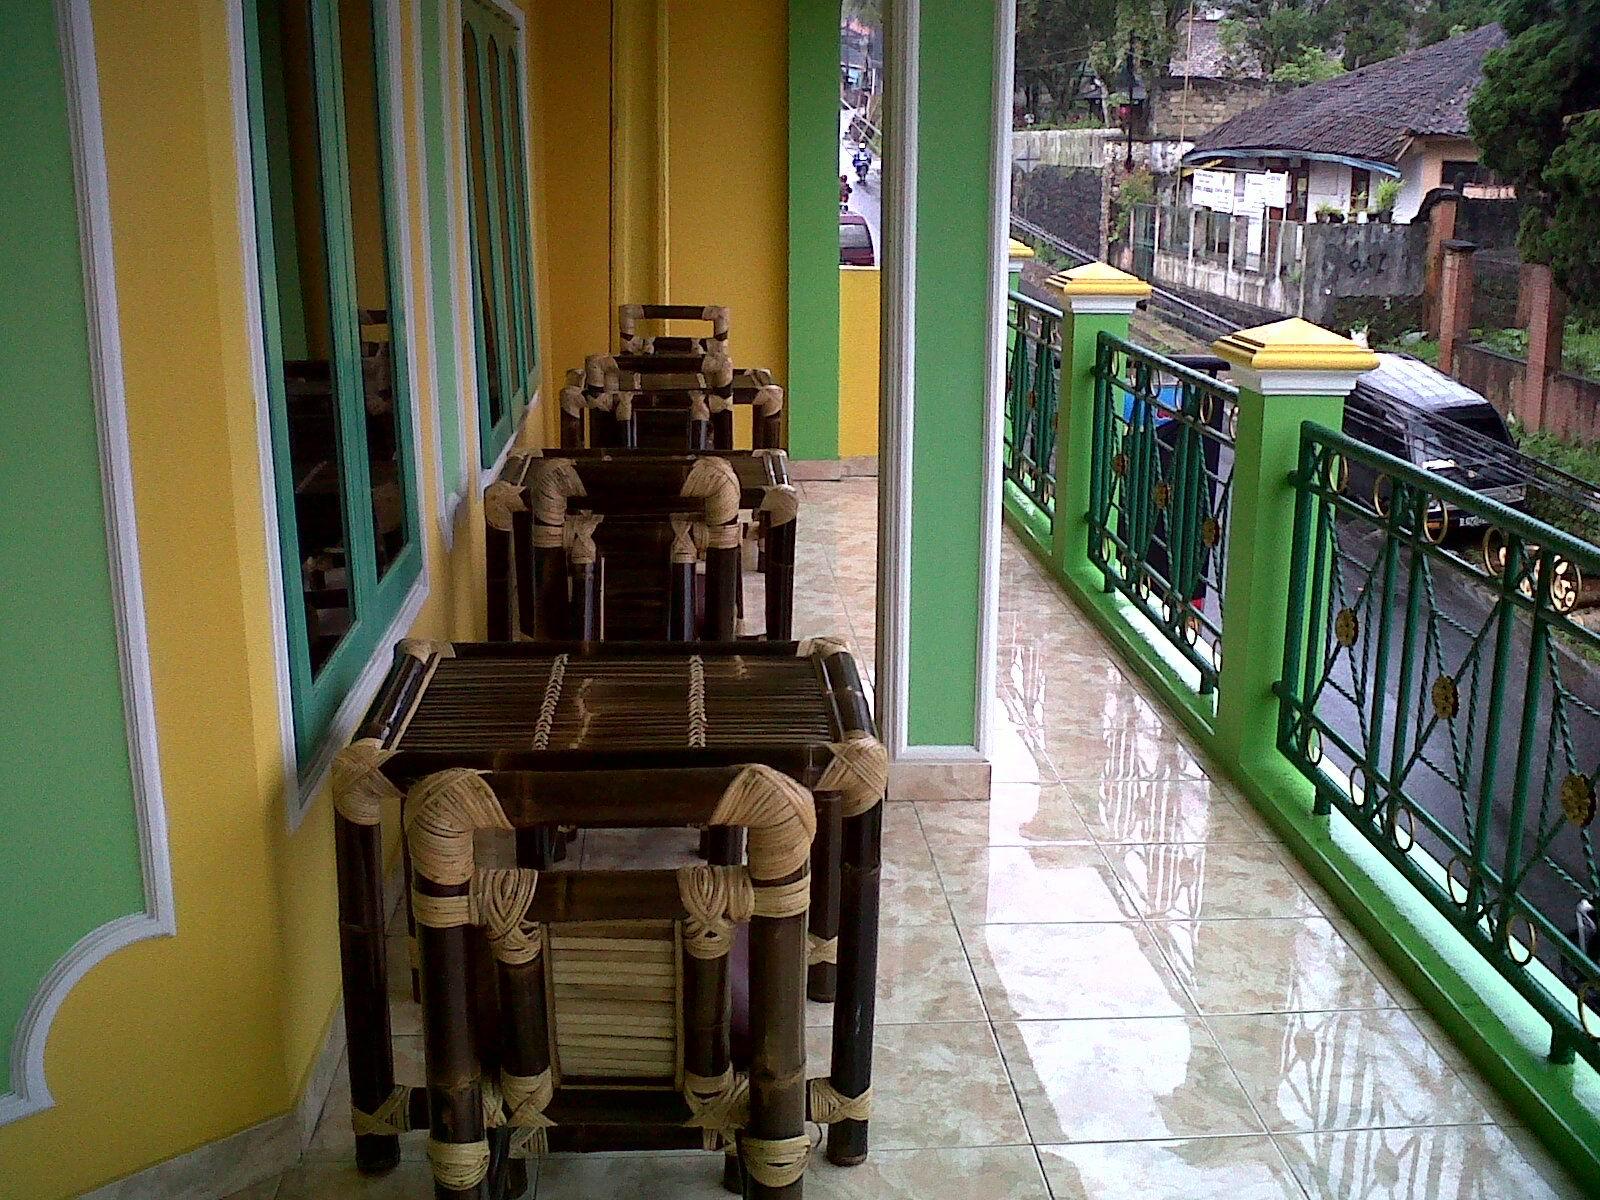 Harga Harga Bahan Bangunan Keramik Keramik Ceramics | Apps Directories